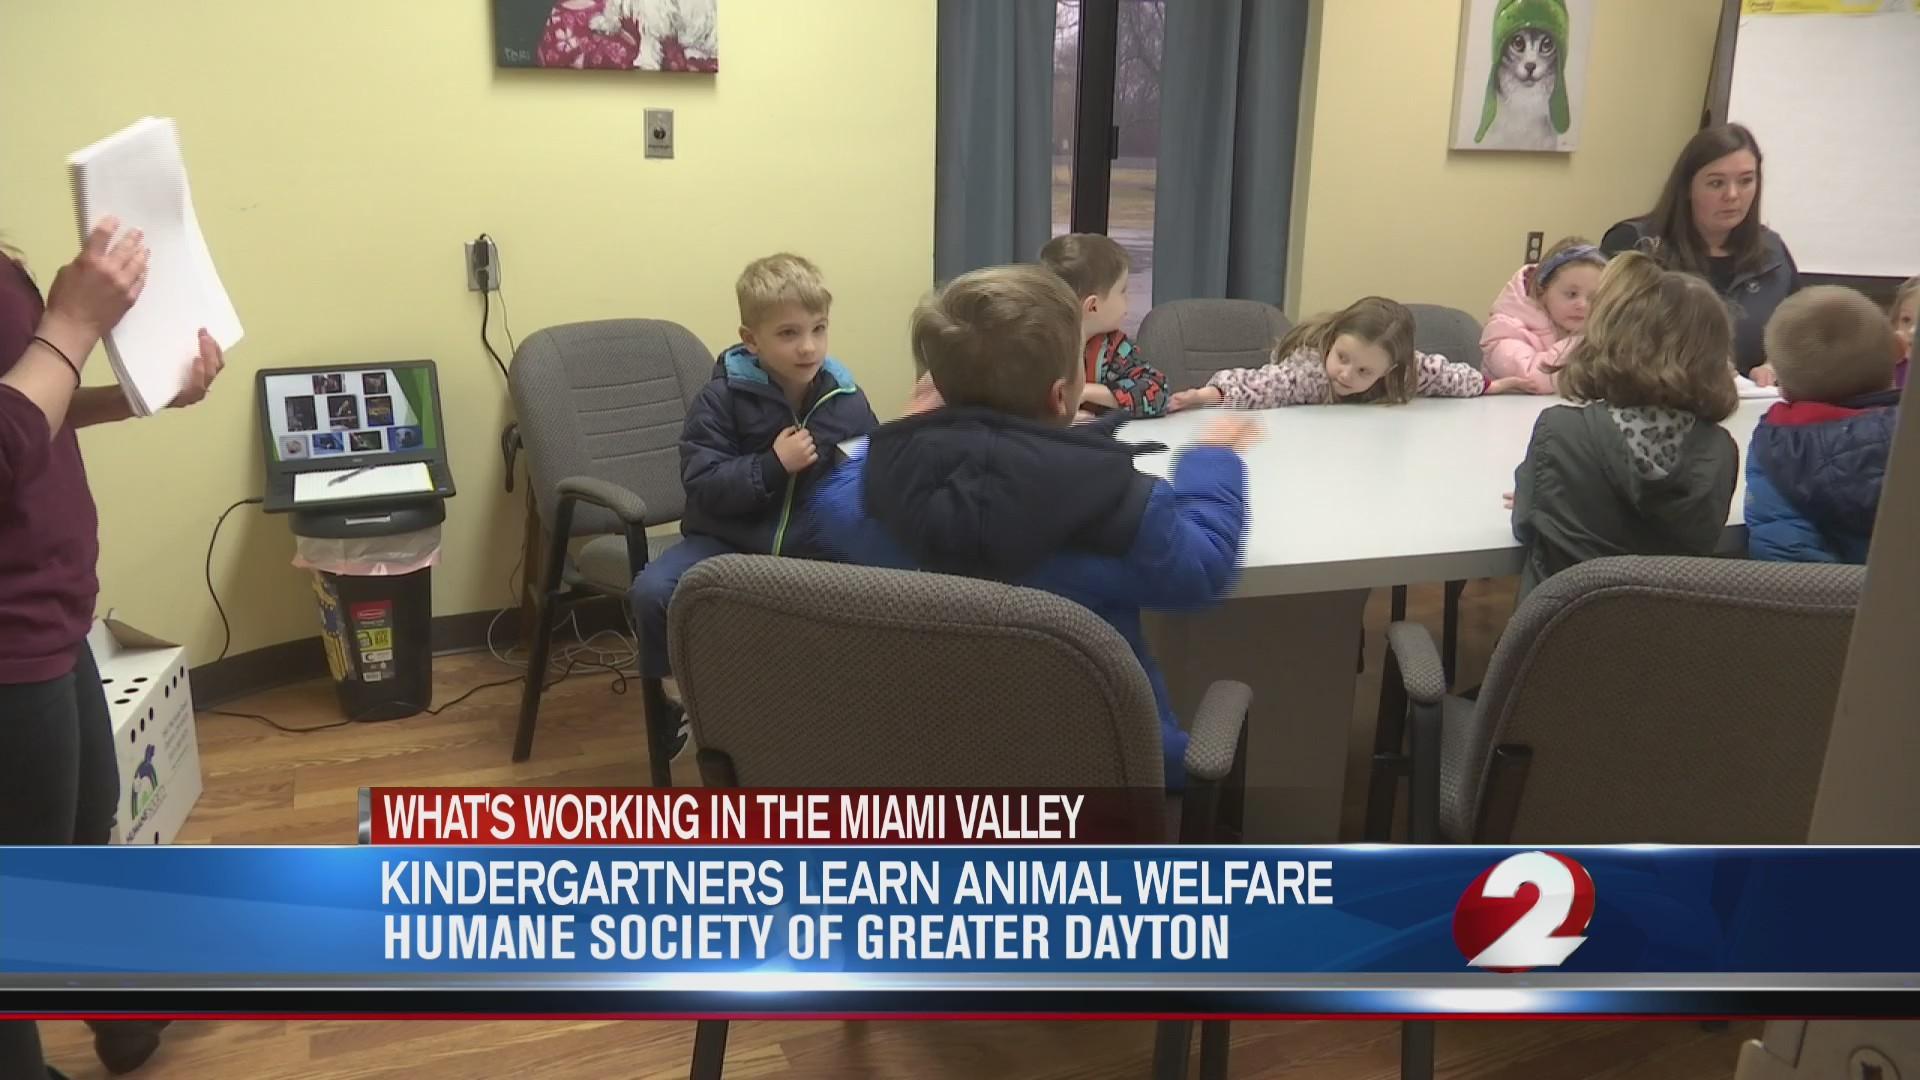 Kindergartners learn animal welfare